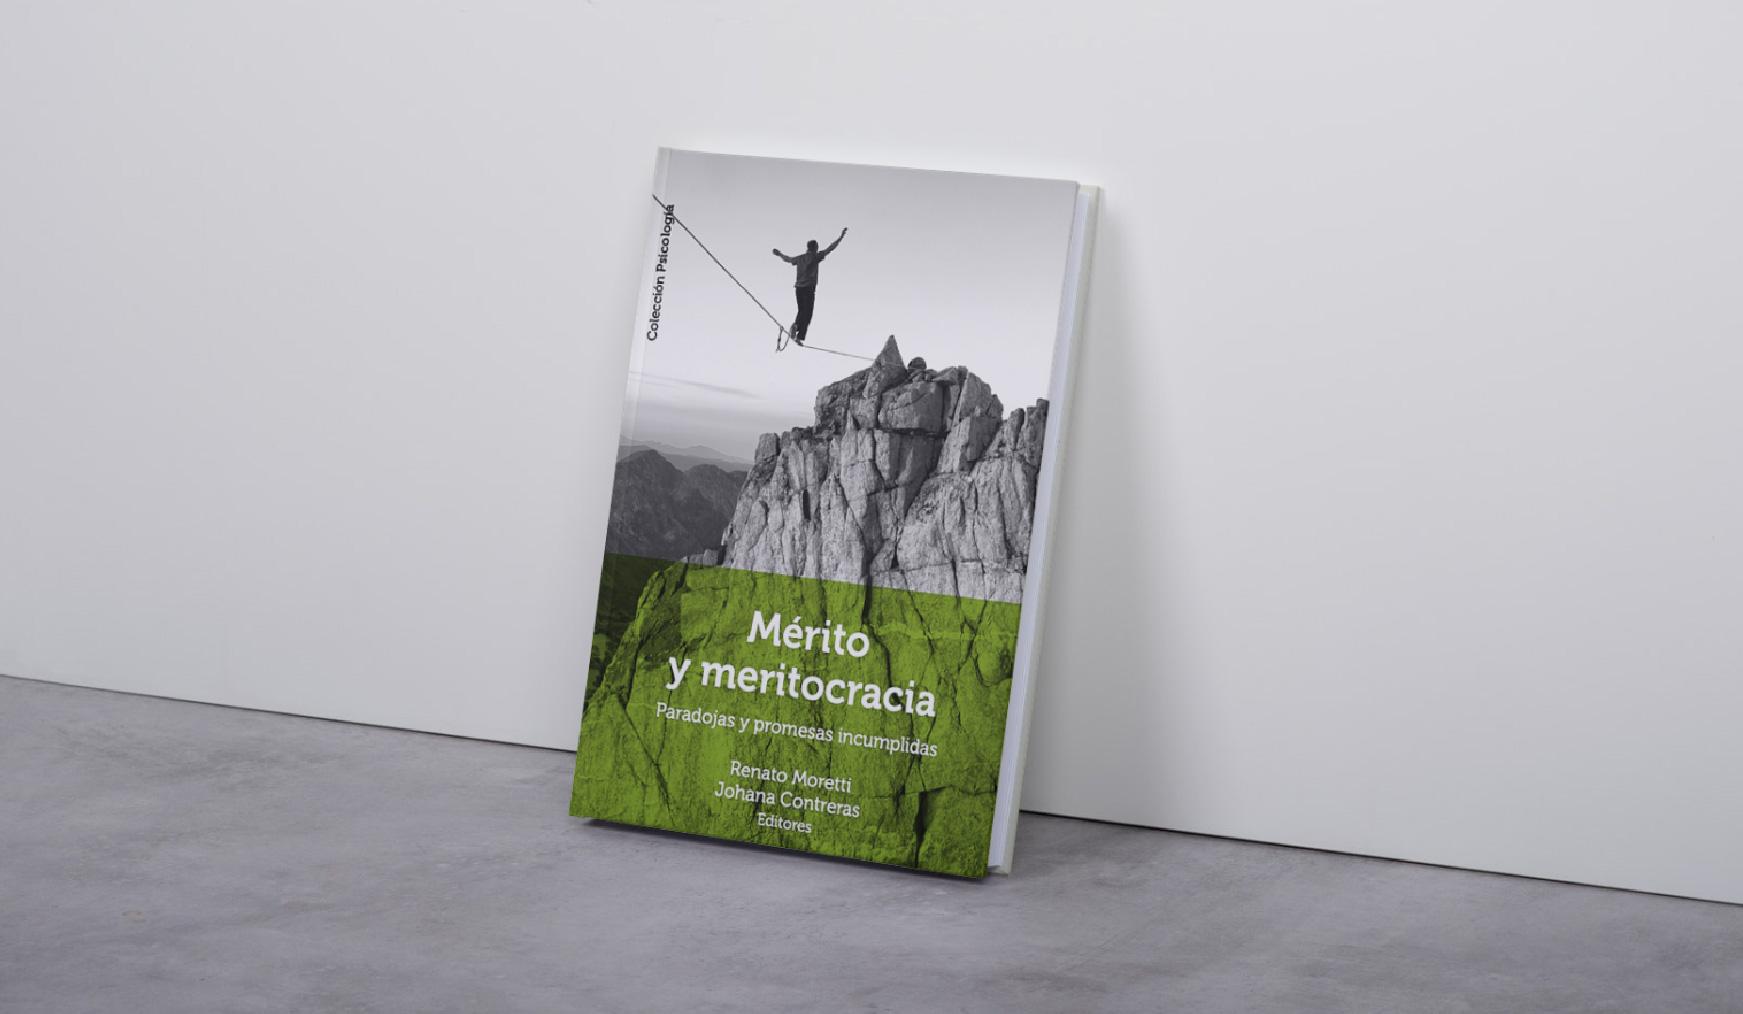 """""""Mérito y meritocracia. Paradojas y Promesas Incumplidas"""": nuevo libro se suma a la colección de Psicología UAH"""